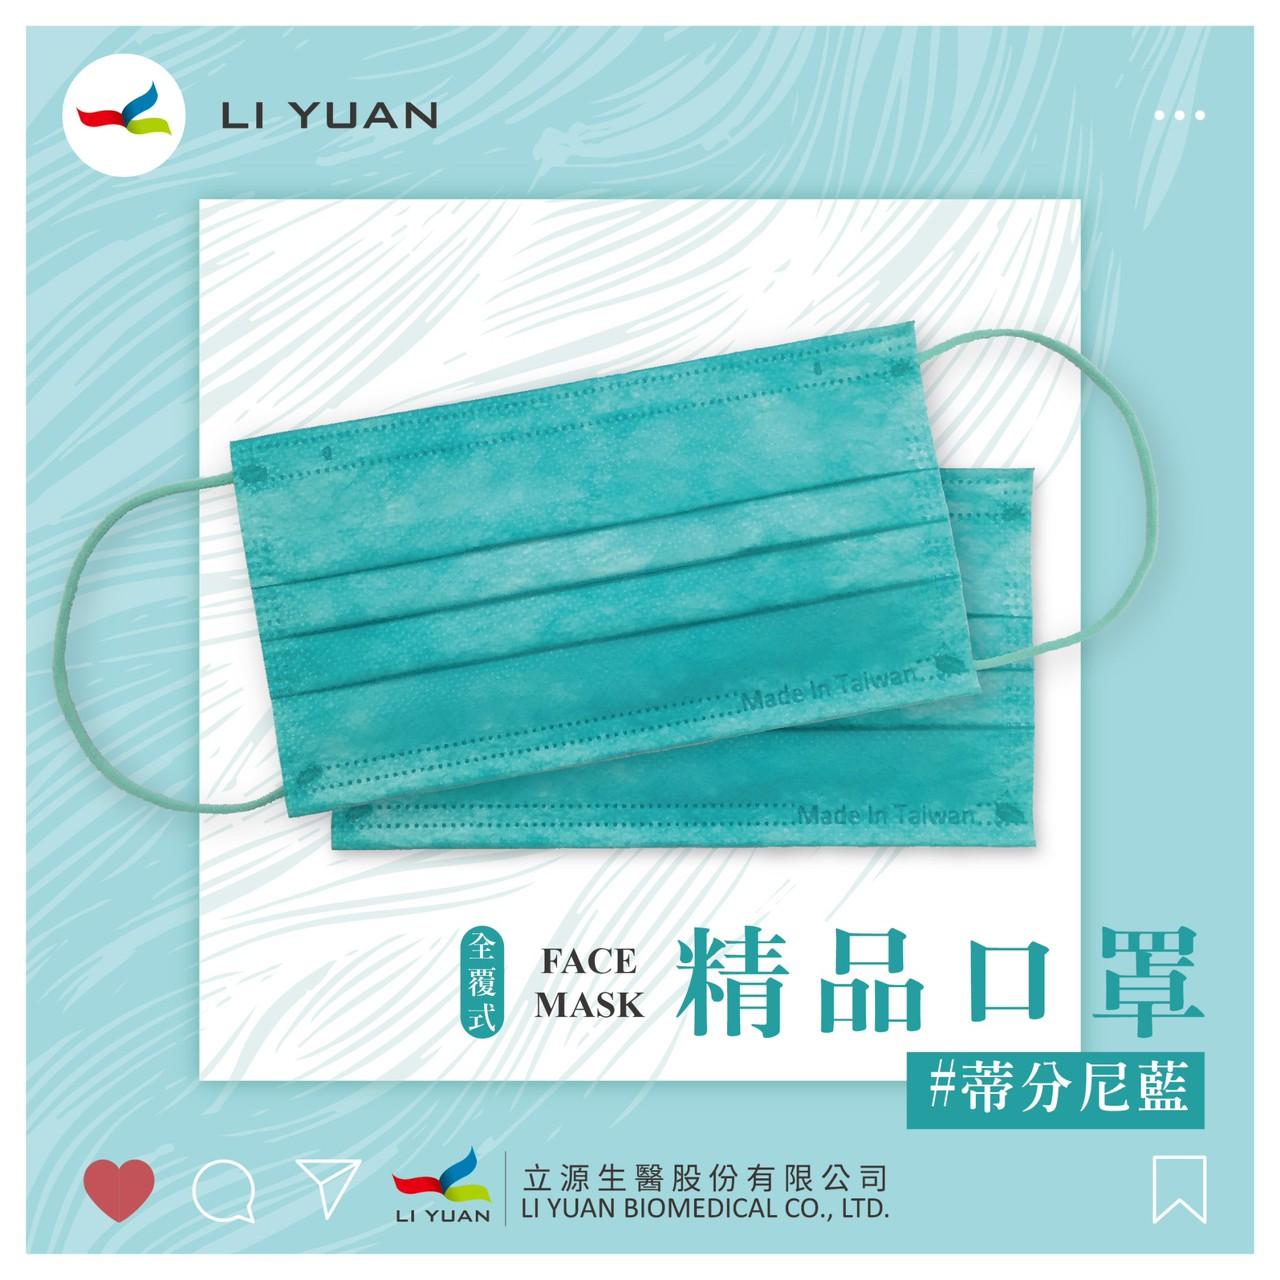 台灣製口罩 造型口罩 蒂分尼藍 水藍 藍色 淺色口罩